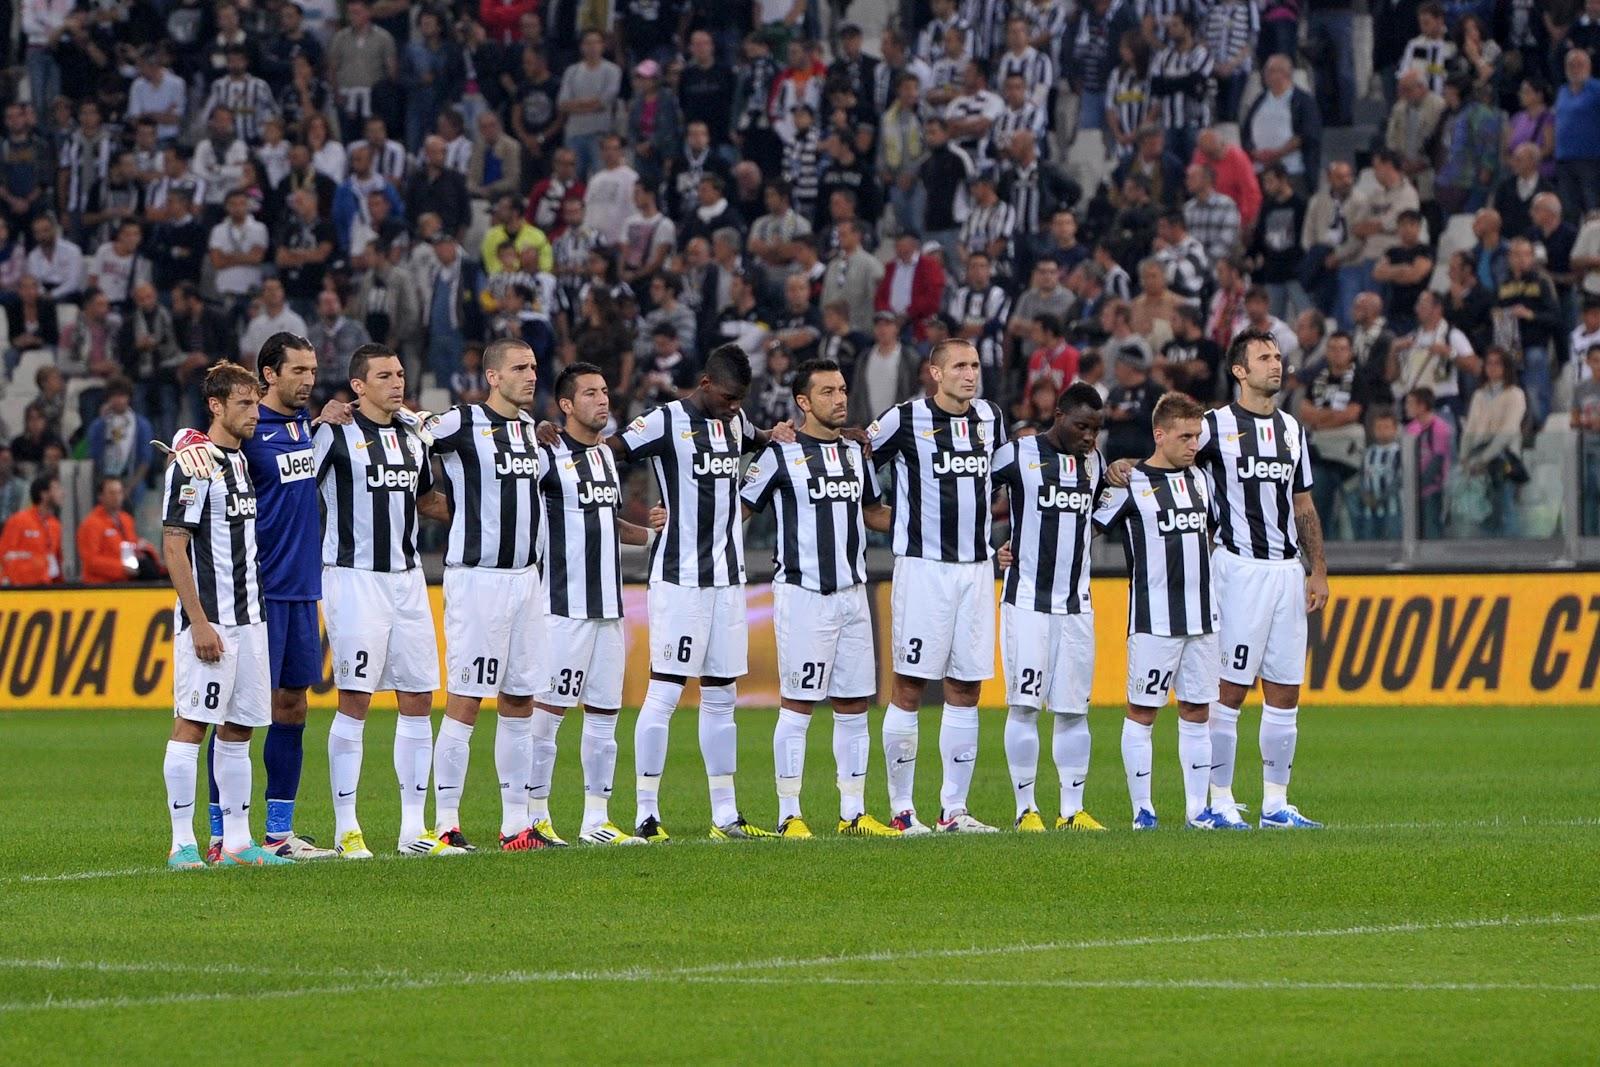 Image Result For Juve Oggi